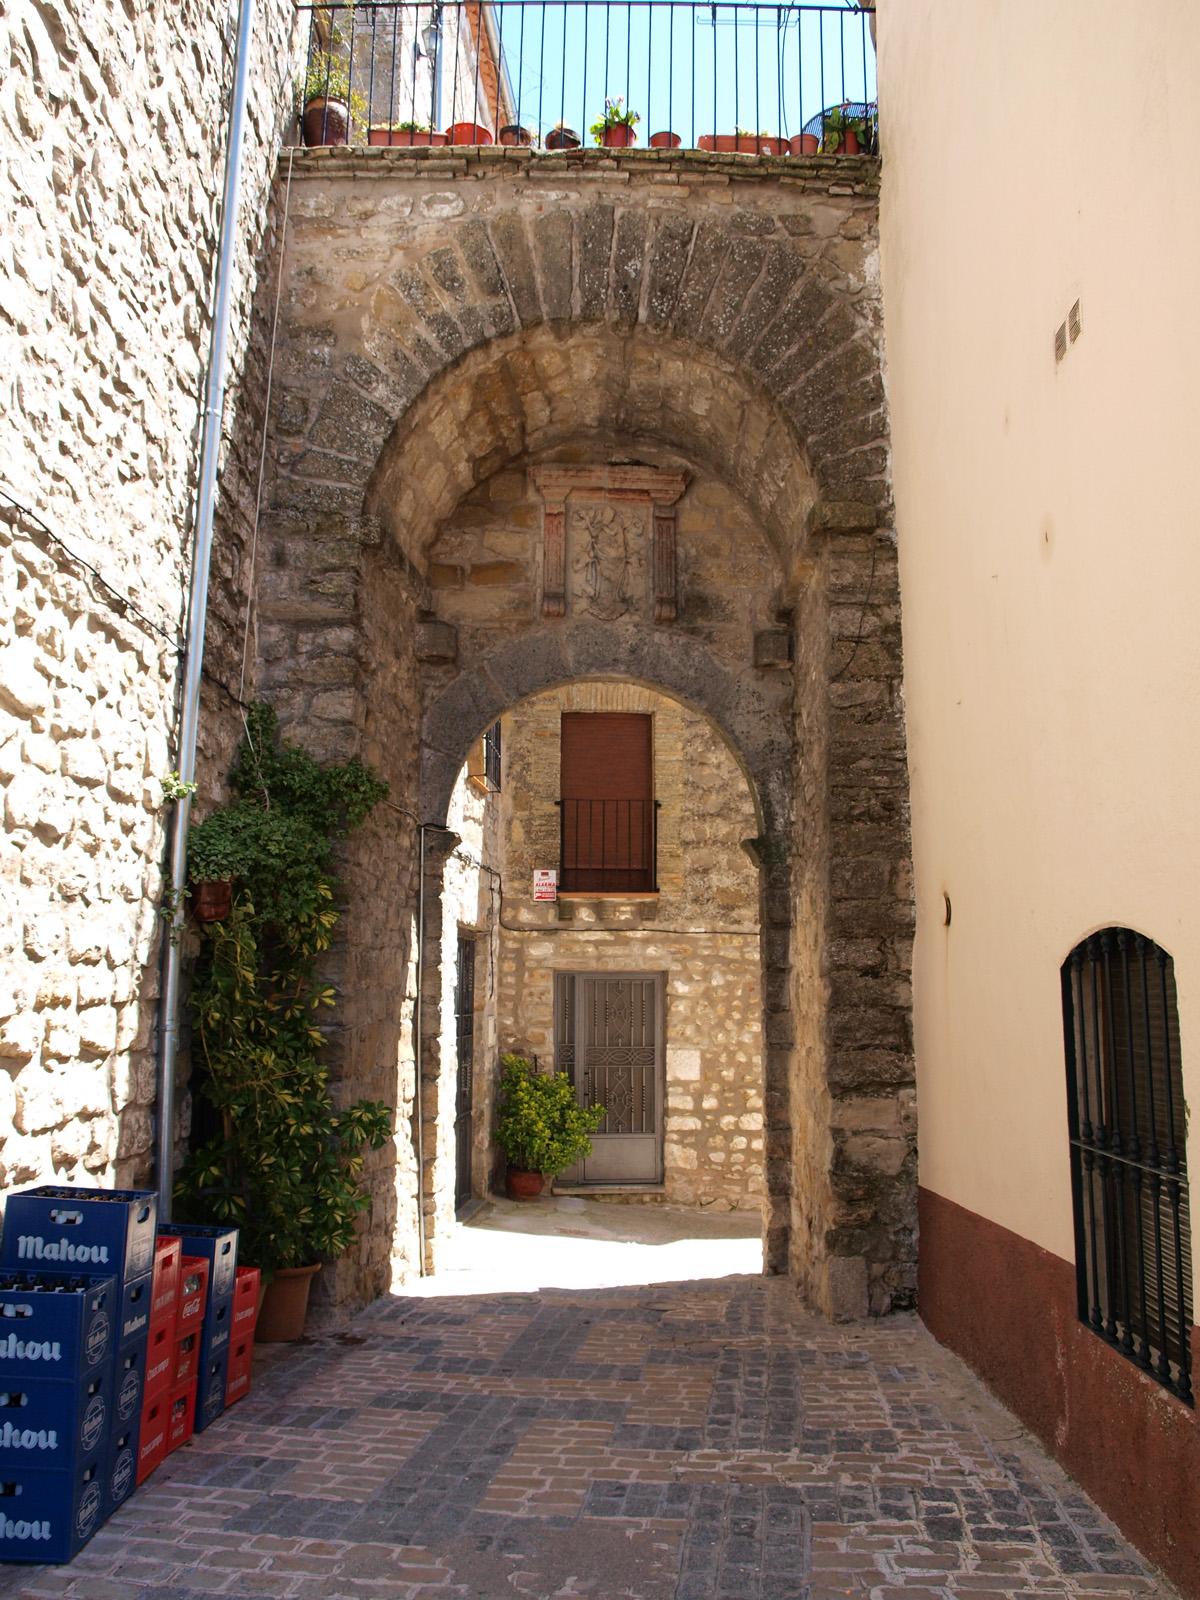 Caminando por sierras y calles de andaluc a iznatoraf y for Puerta 4 del jockey